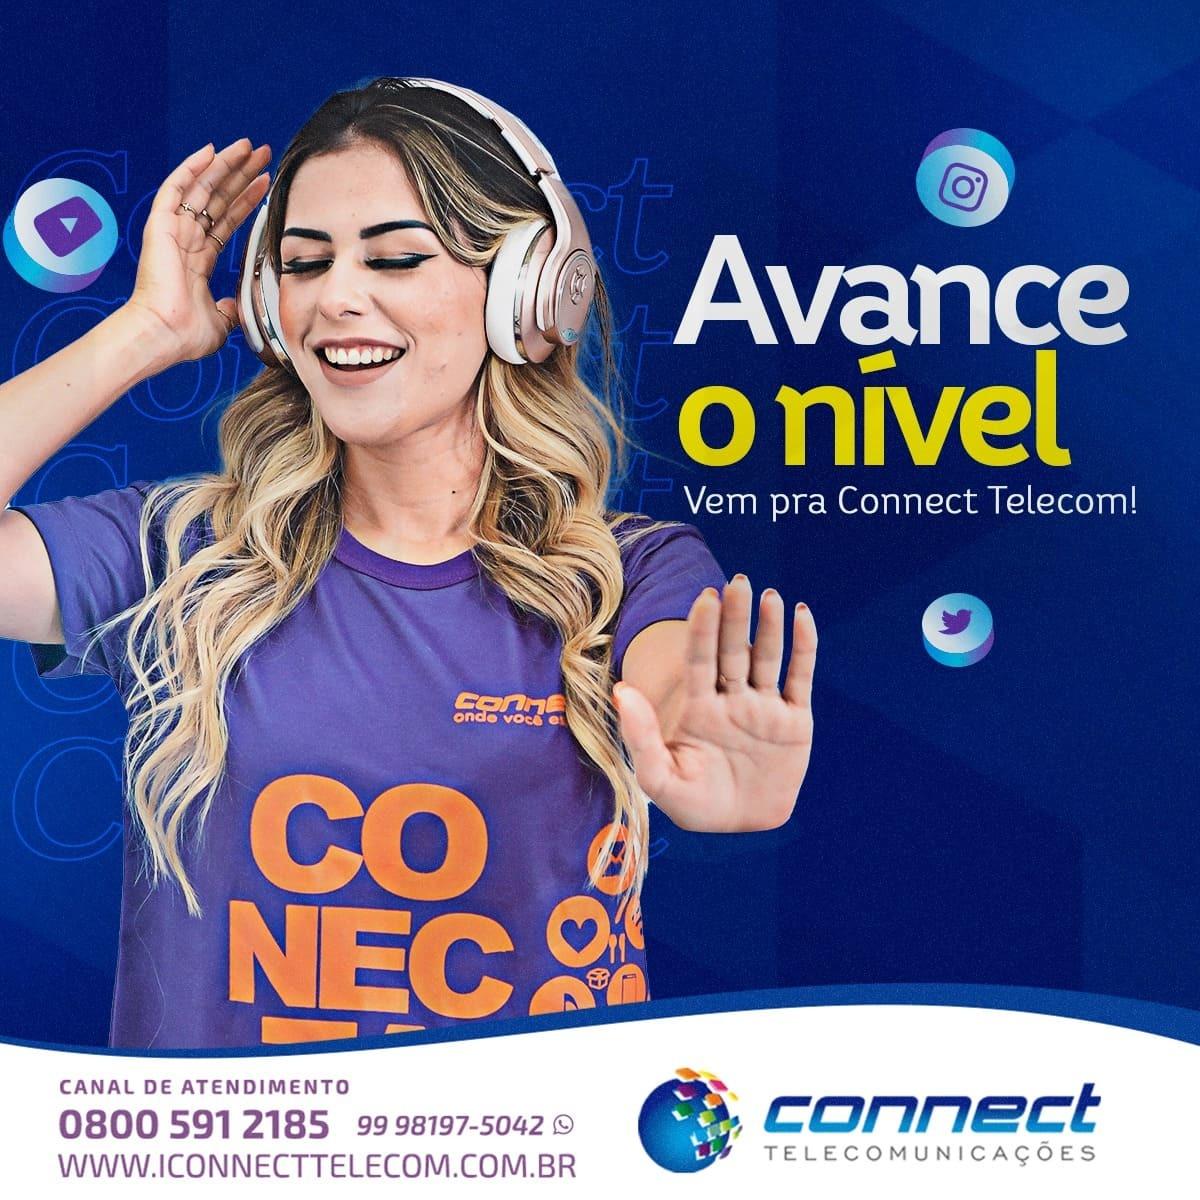 APOIO: CONNECT TELECOM